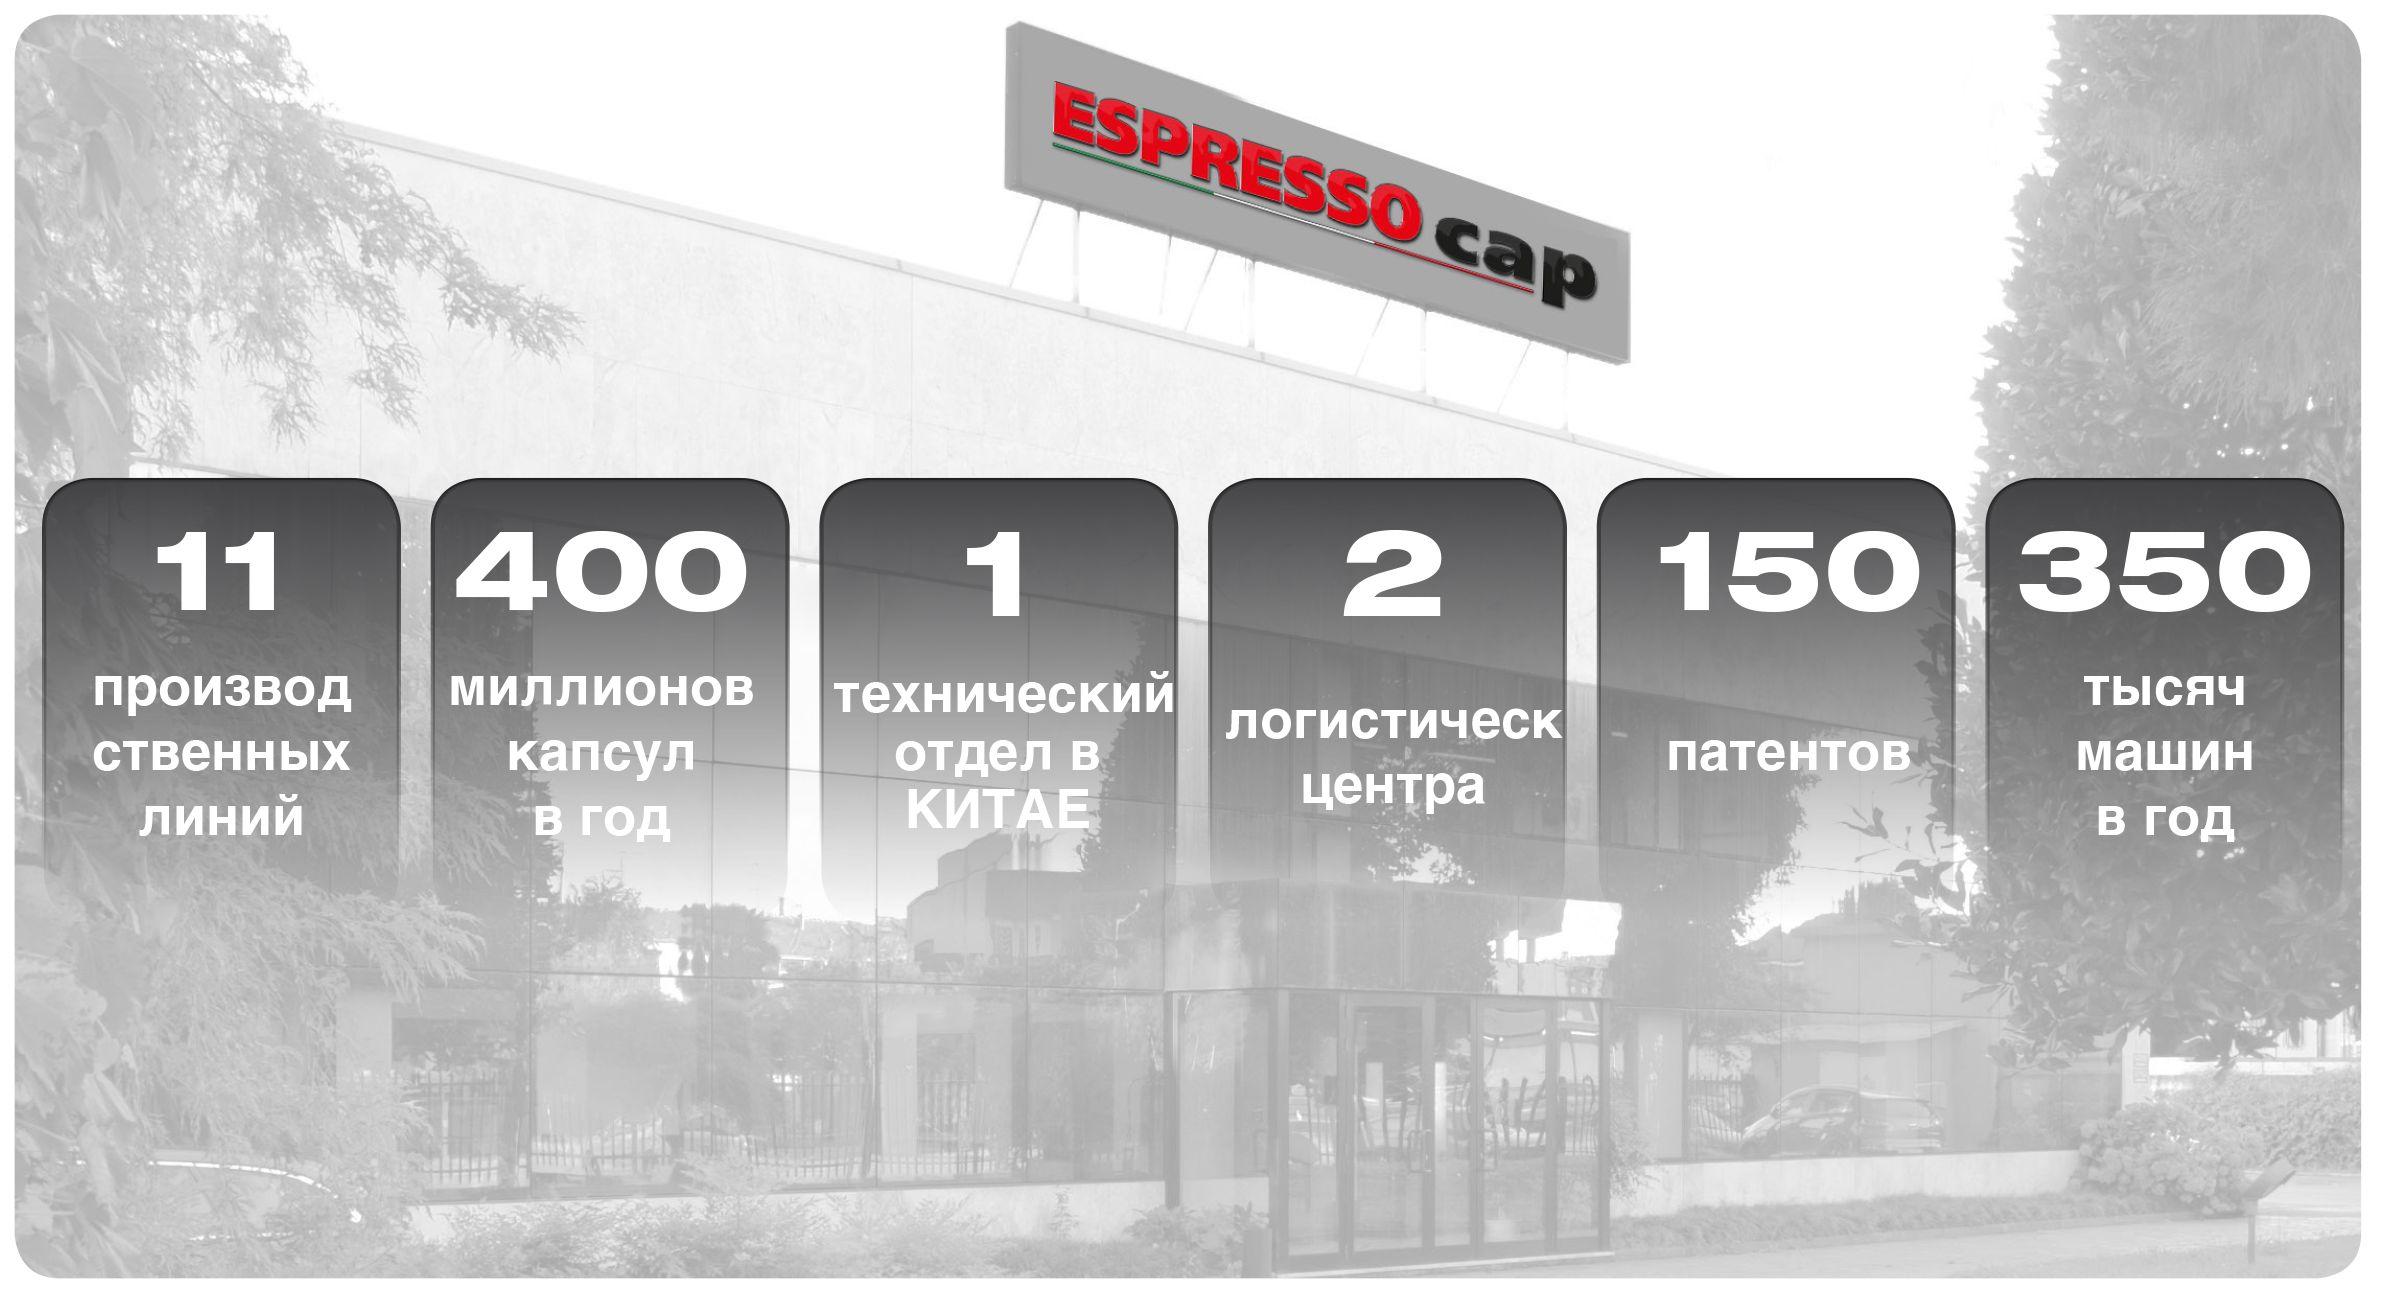 EspressoCap – Numbers